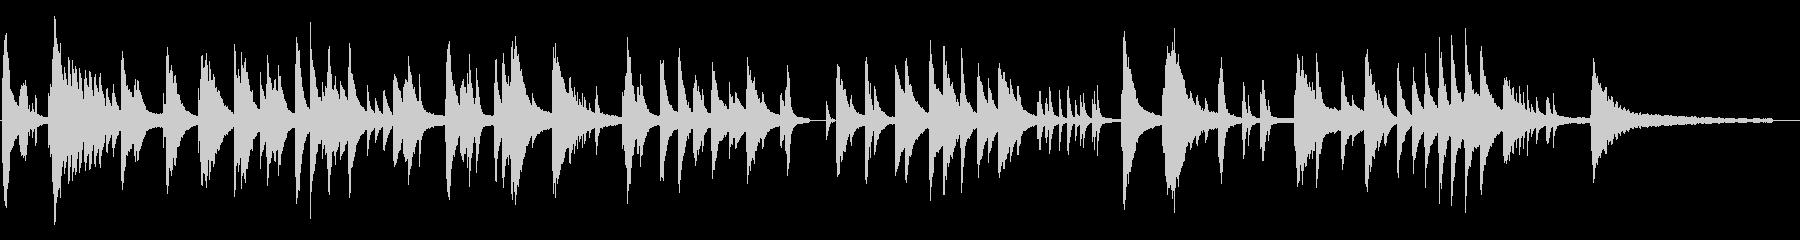 寂しげな現代音楽風ピアノソロの未再生の波形